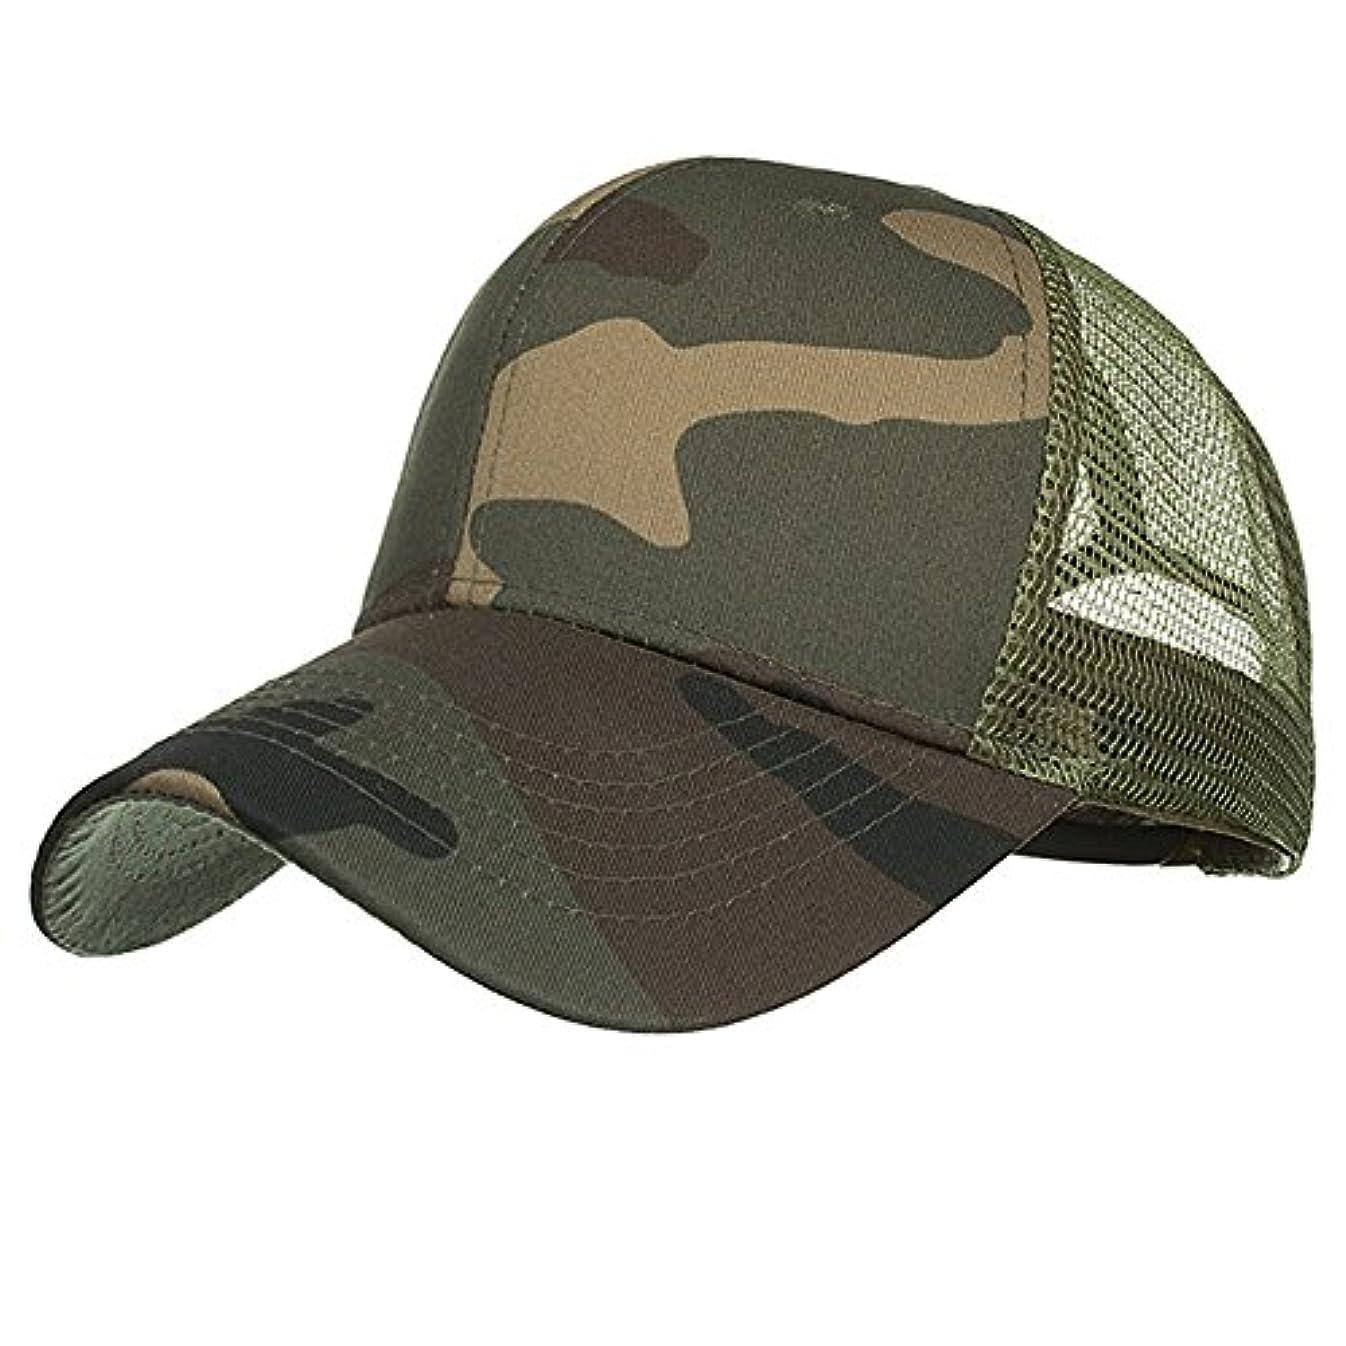 初期気になる目を覚ますRacazing Cap 迷彩 野球帽 メッシュステッチ 通気性のある 帽子 夏 登山 可調整可能 刺繍 棒球帽 UV 帽子 軽量 屋外 Unisex Hat (A)